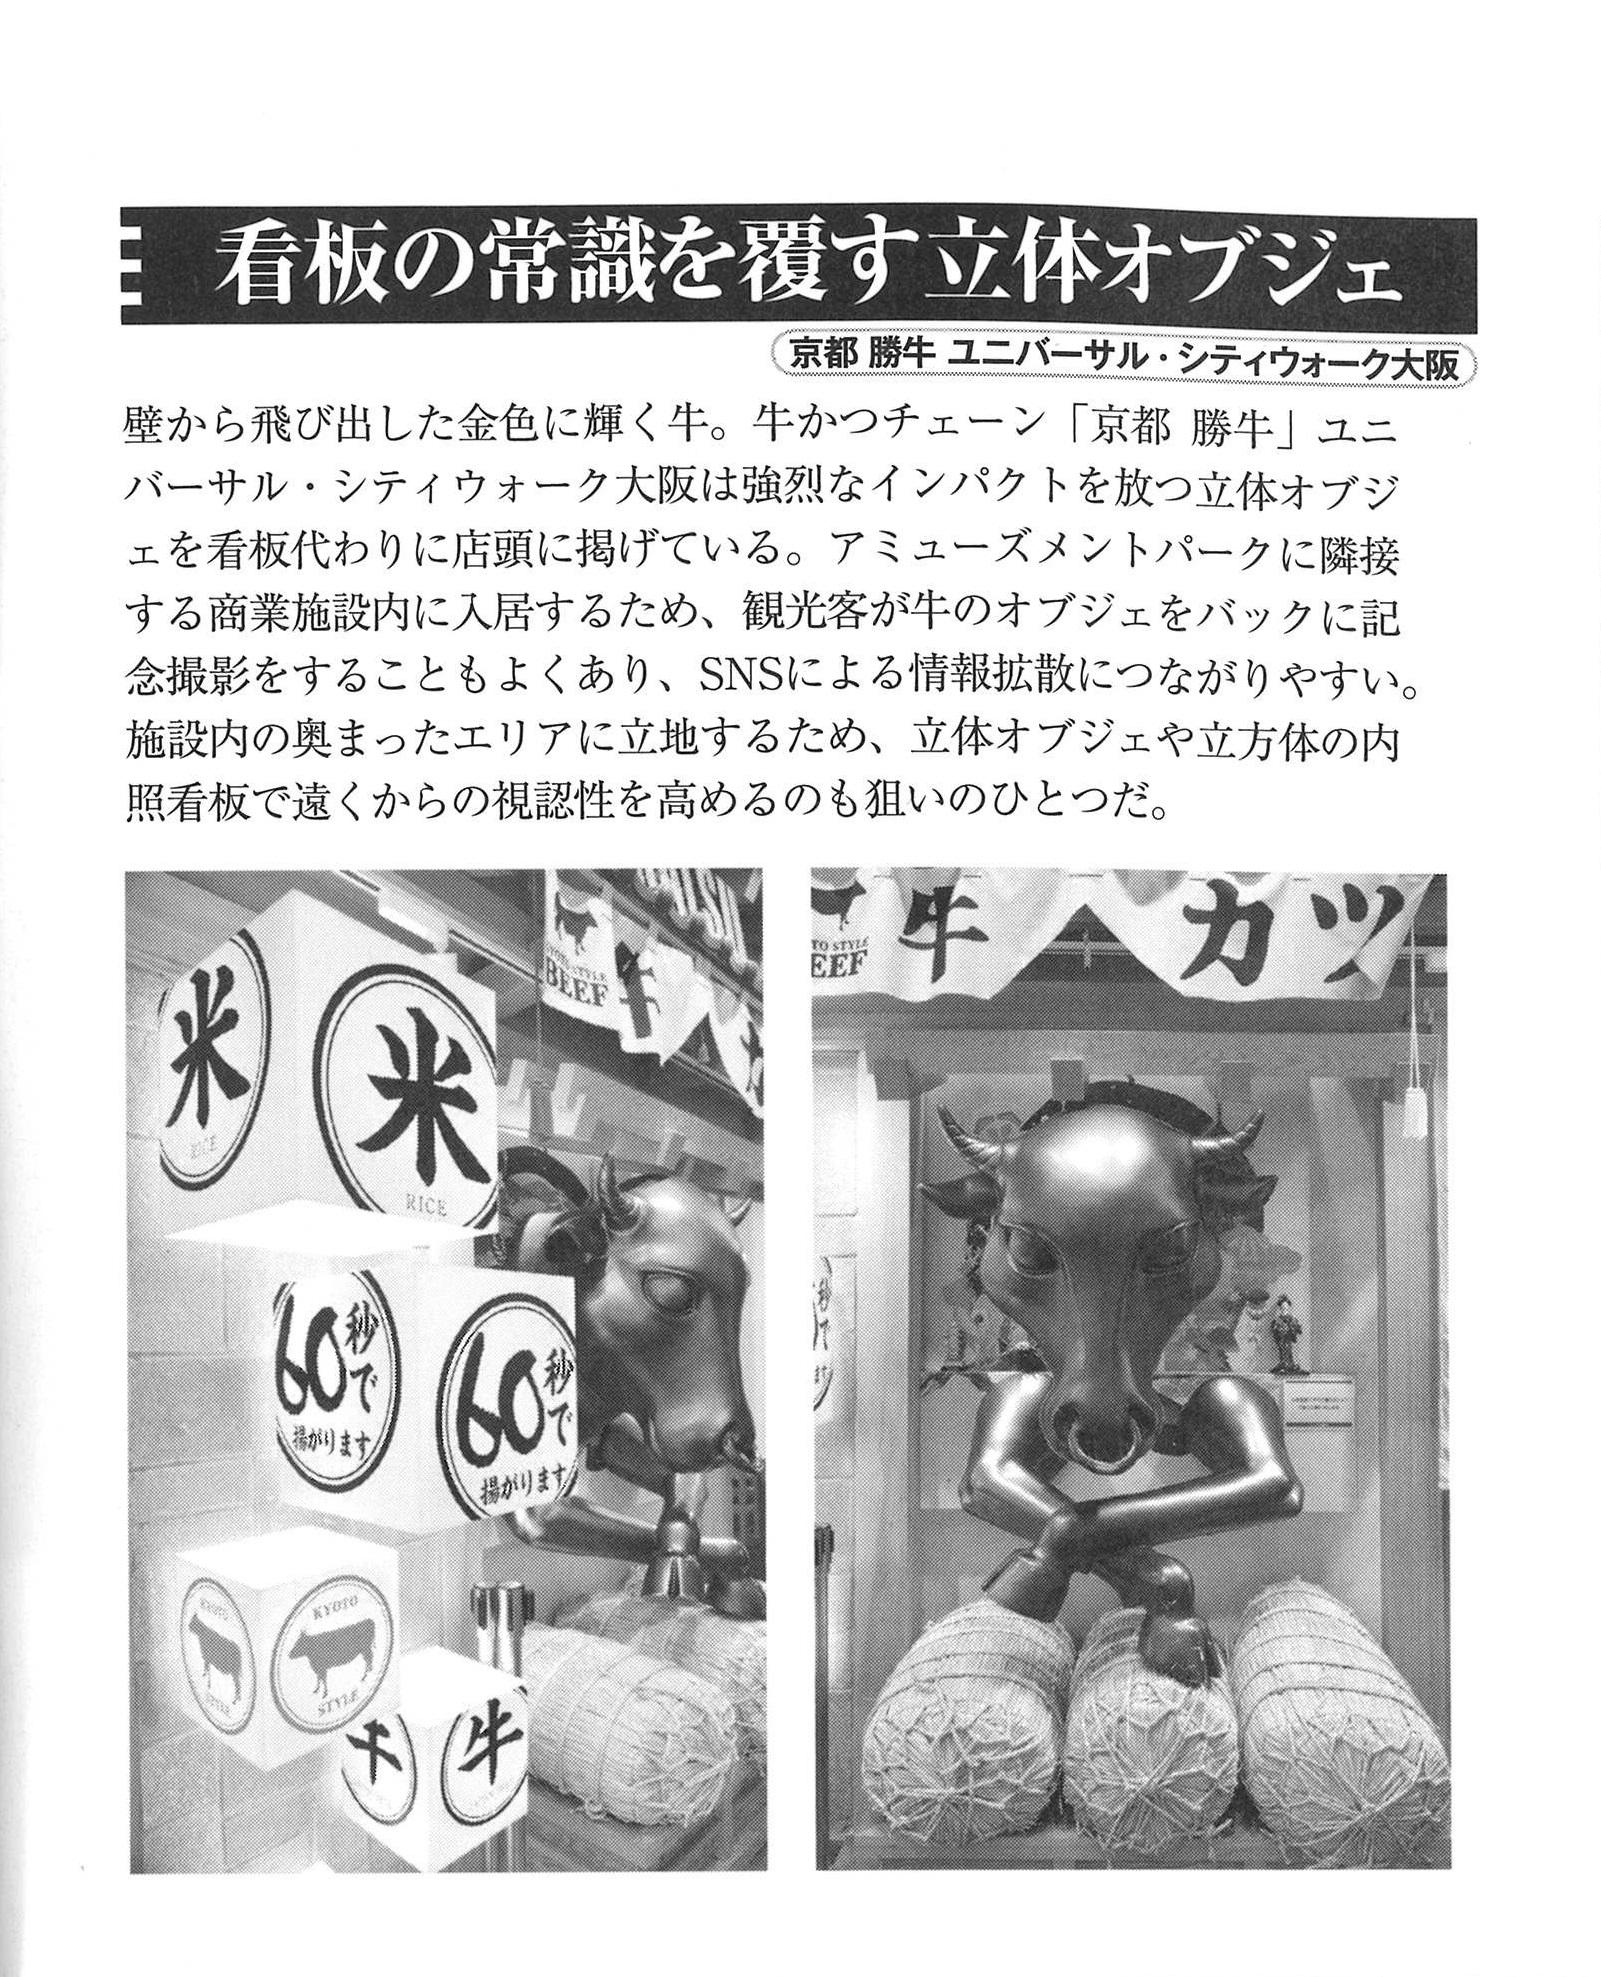 171027月間食堂(KGUCW)jpg